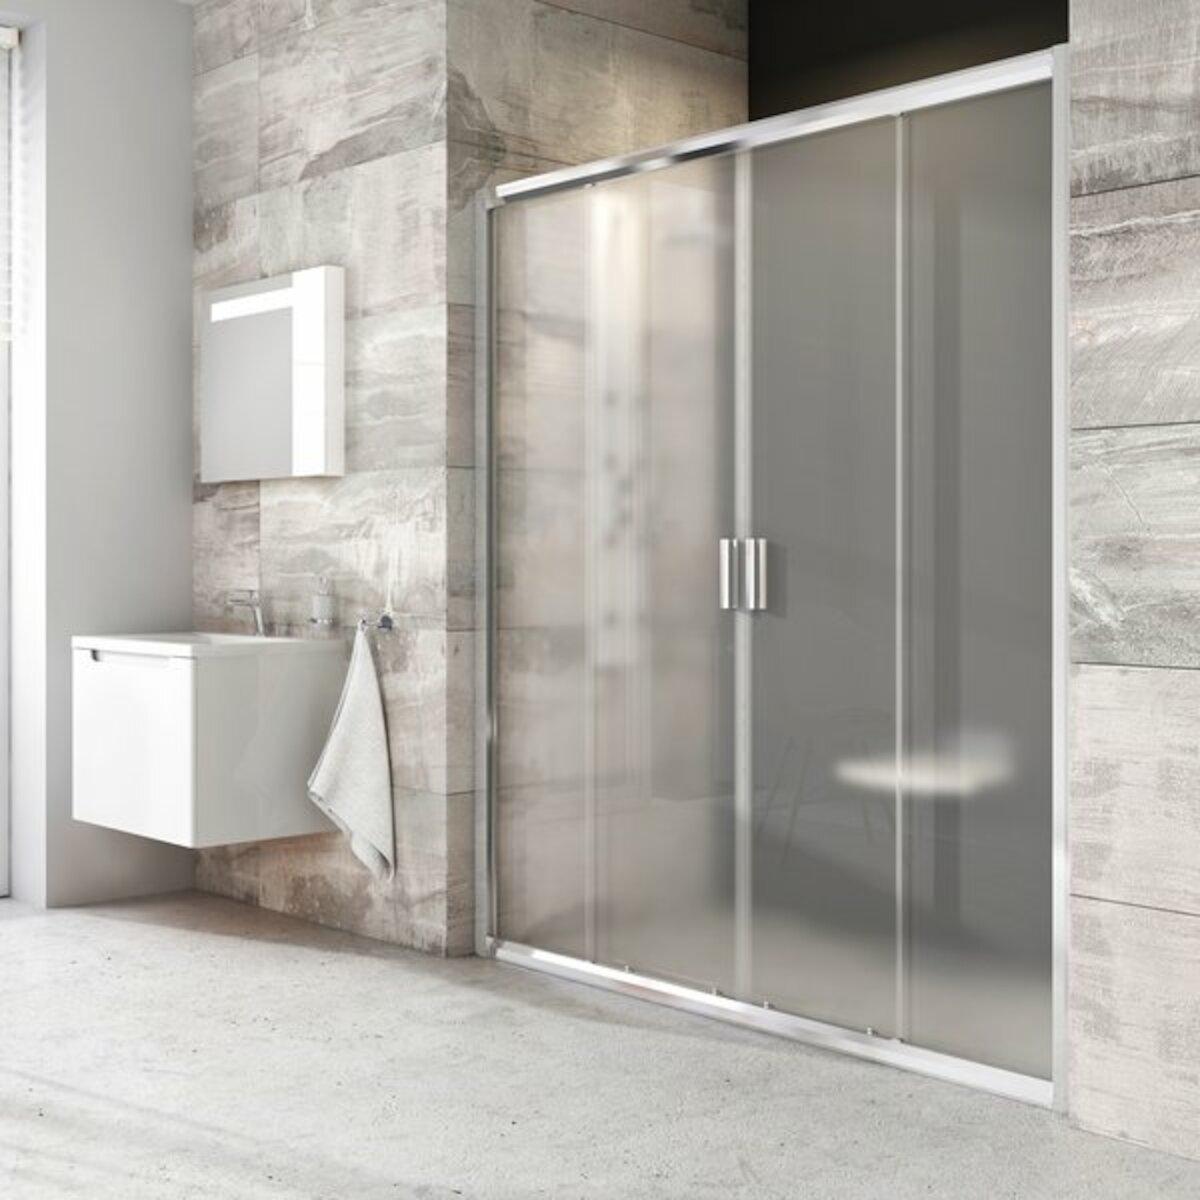 Sprchové dvere 190x190 cm Ravak Blix biela 0YVL0100Z1